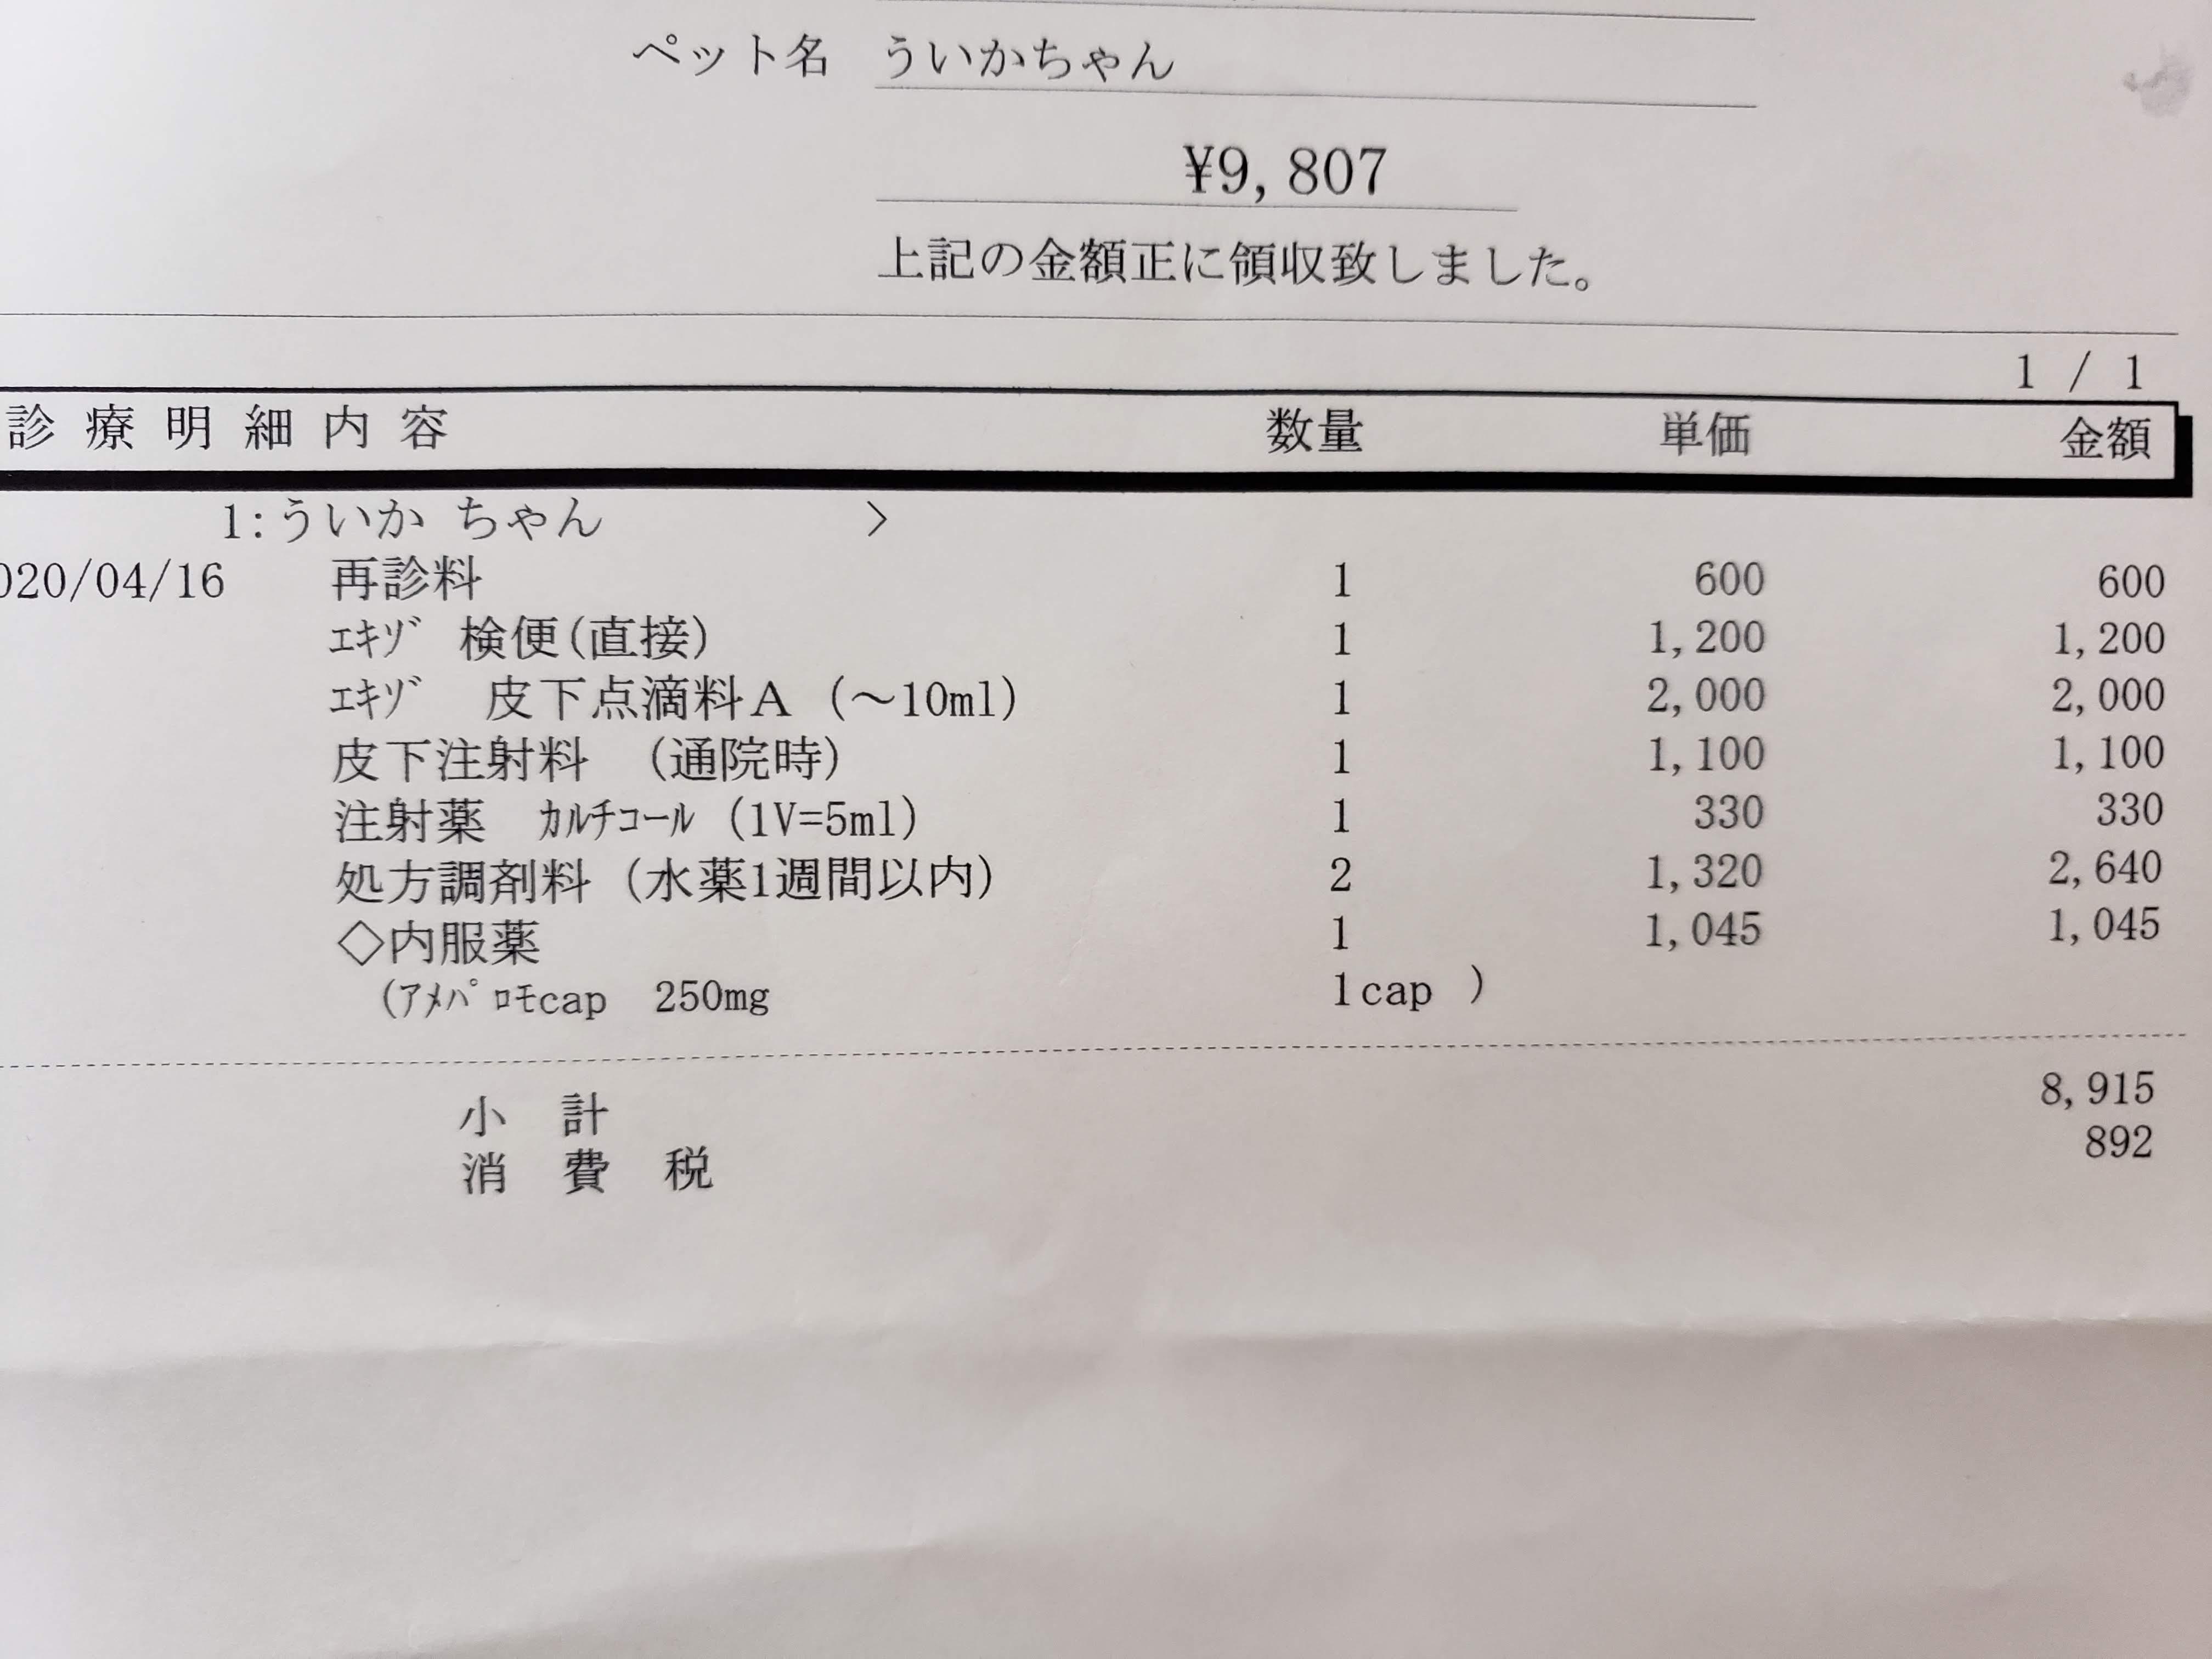 レオパードゲッコーを動物病院に連れて行ったときの費用を実例で紹介します(case:下痢・吐き戻し)